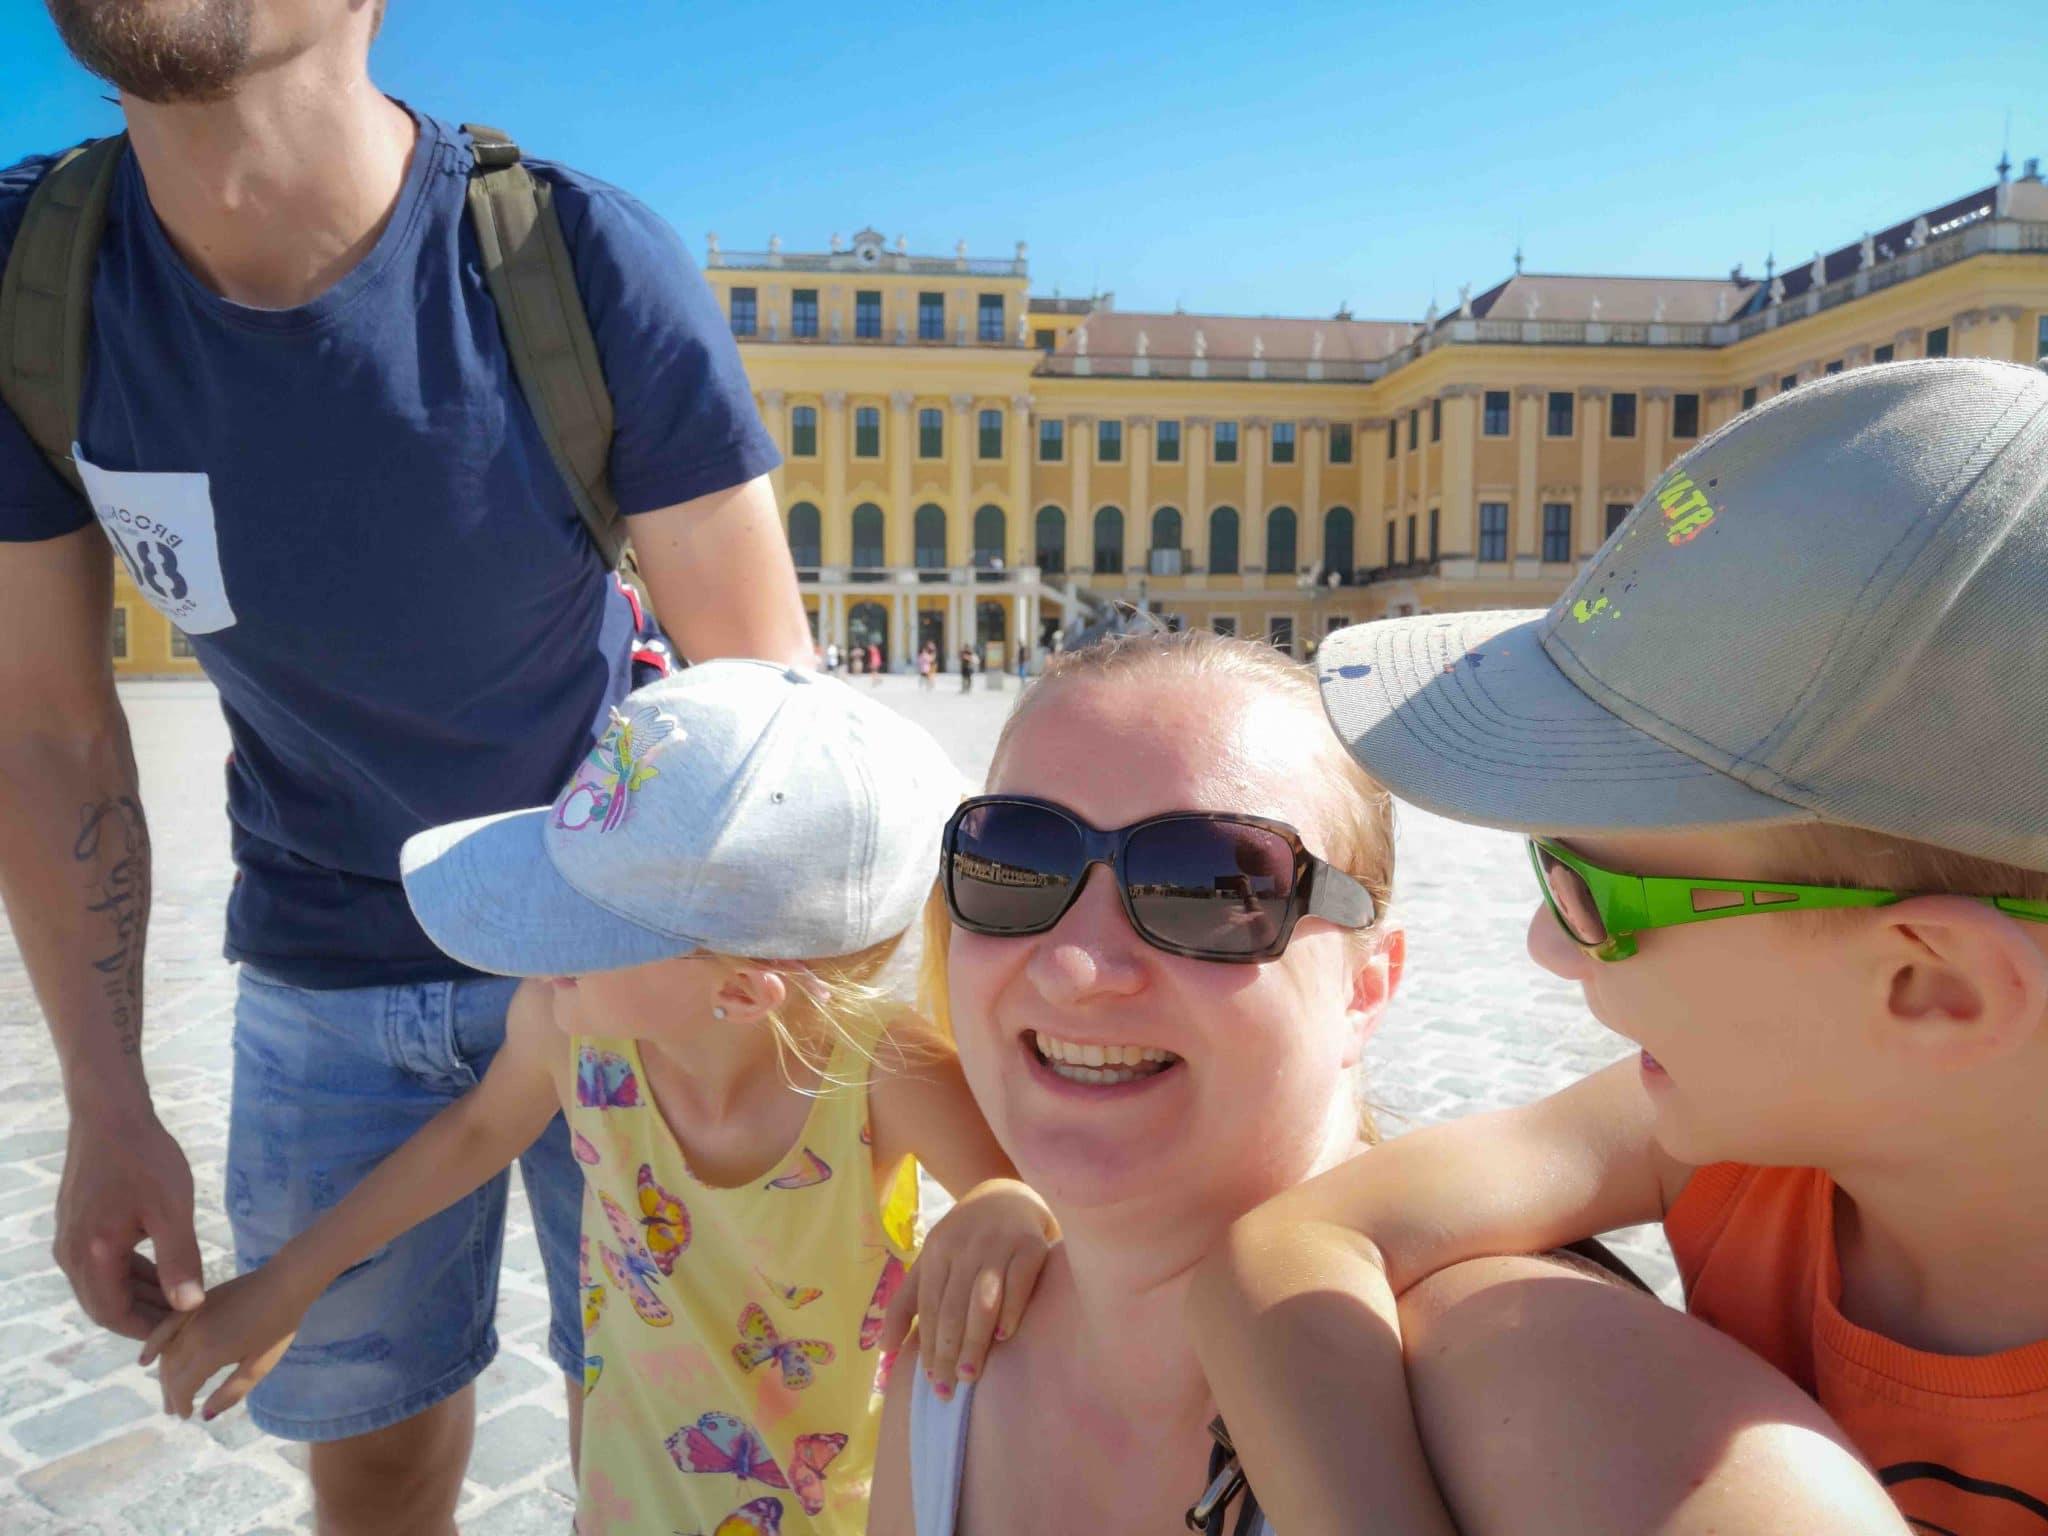 Wien mit Kindern- Prater, Sissi und Panda in 36 Stunden, Spartipps für Wien, Sparen in Wien, Was kann man in Wien mit Kindern machen, Wien mit Kindern, 24 Stunden in Wien, 30 Stunden in Wien, 36 Stunden in Wien, 72 Stunden in Wien, Tipps für Wien, Tipps für Unternehmnungen in Wien, was muss man in Wien gesehen haben